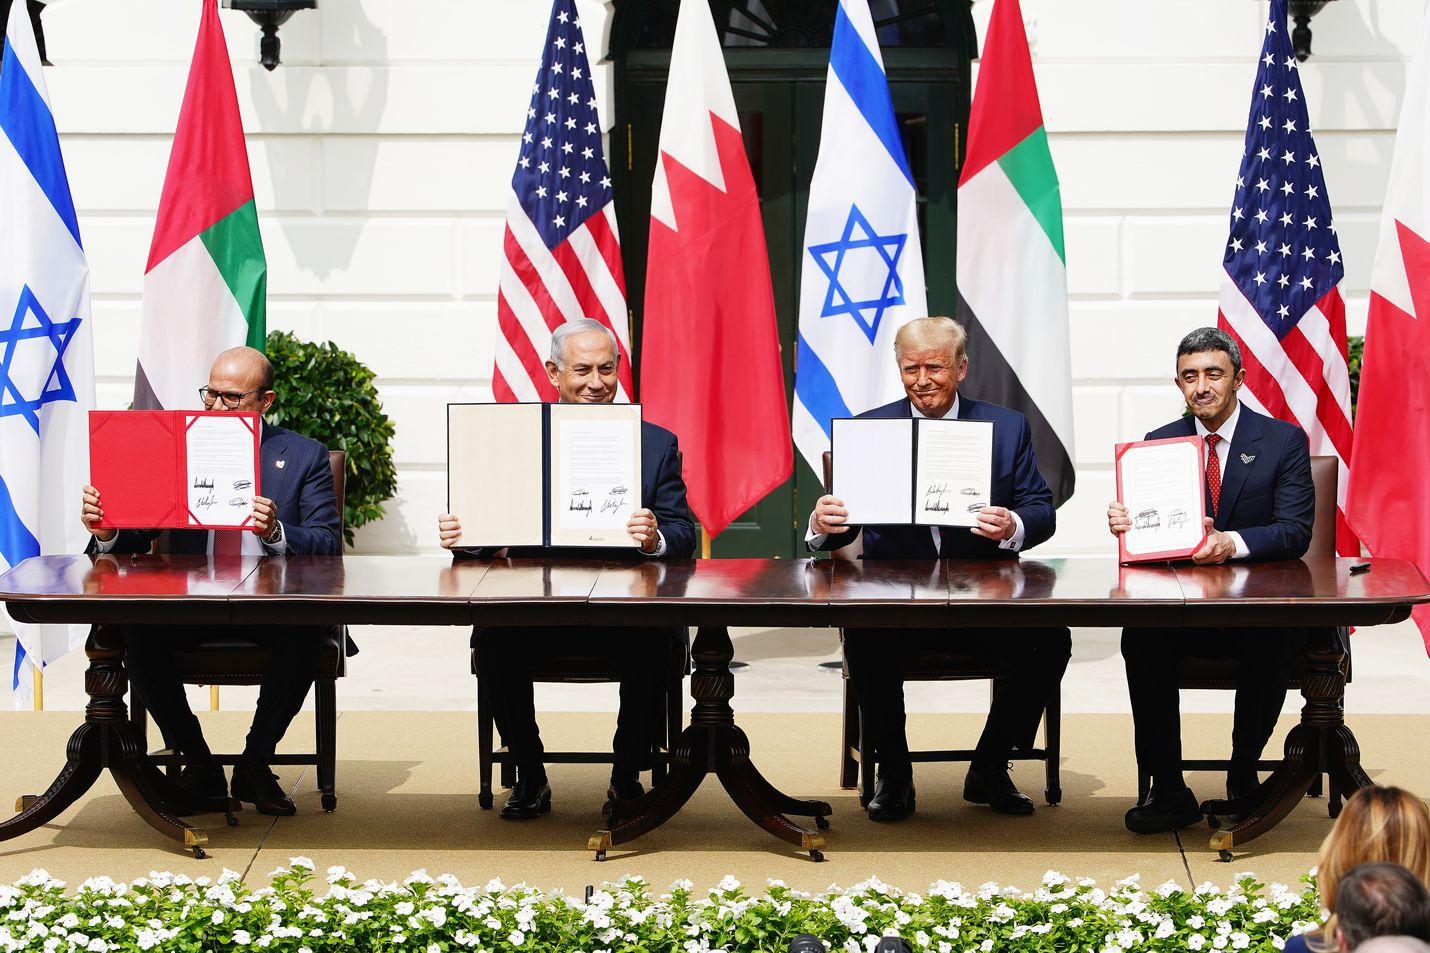 Bahrainin ulkoministeri Abdullatif al-Zayani, Israelin pääministeri Benjamin Netanjahu, Yhdysvaltojen presidentti Donald Trump ja Arabiemiraattien ulkoministeri Abdullah bin Zayed bin Sultan Al Nahyan allekirjoittivat tiistaina Valkoisessa talossa sopimuksen, joka normalisoi maiden väliset suhteet.